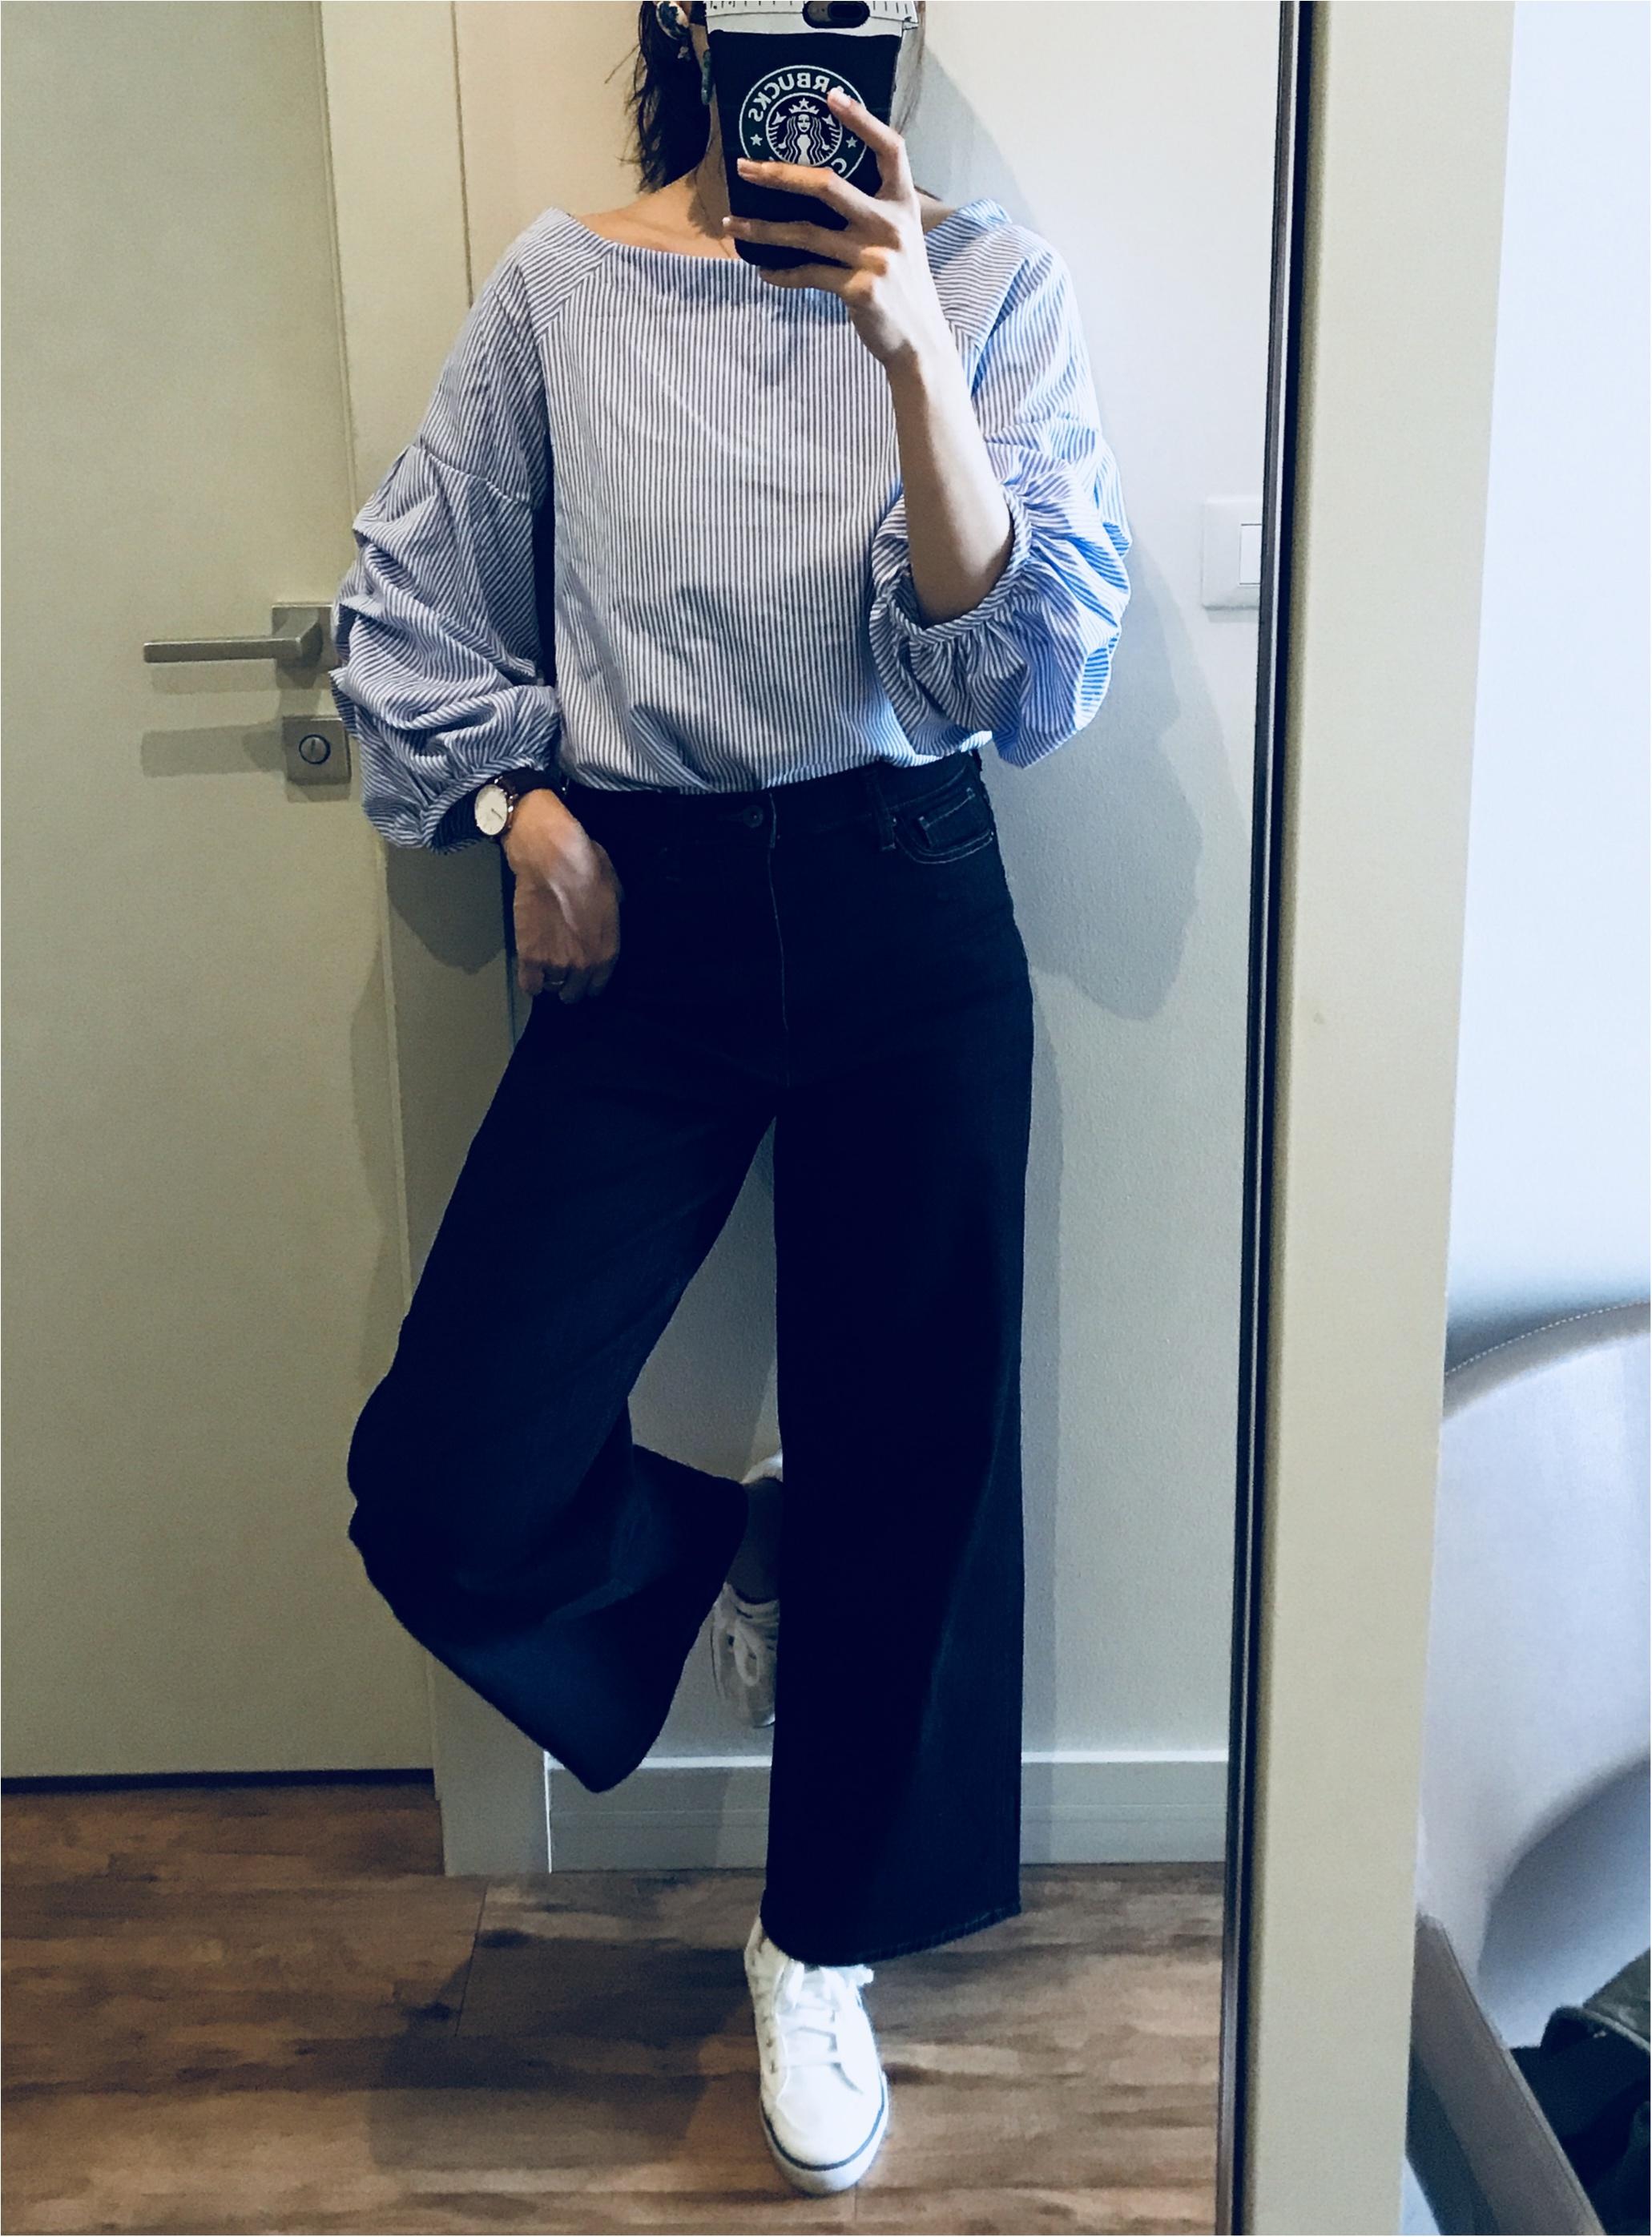 【コーデ】オフショルの着方。スニーカーでも大人レディなオフショルコーデ♡_1